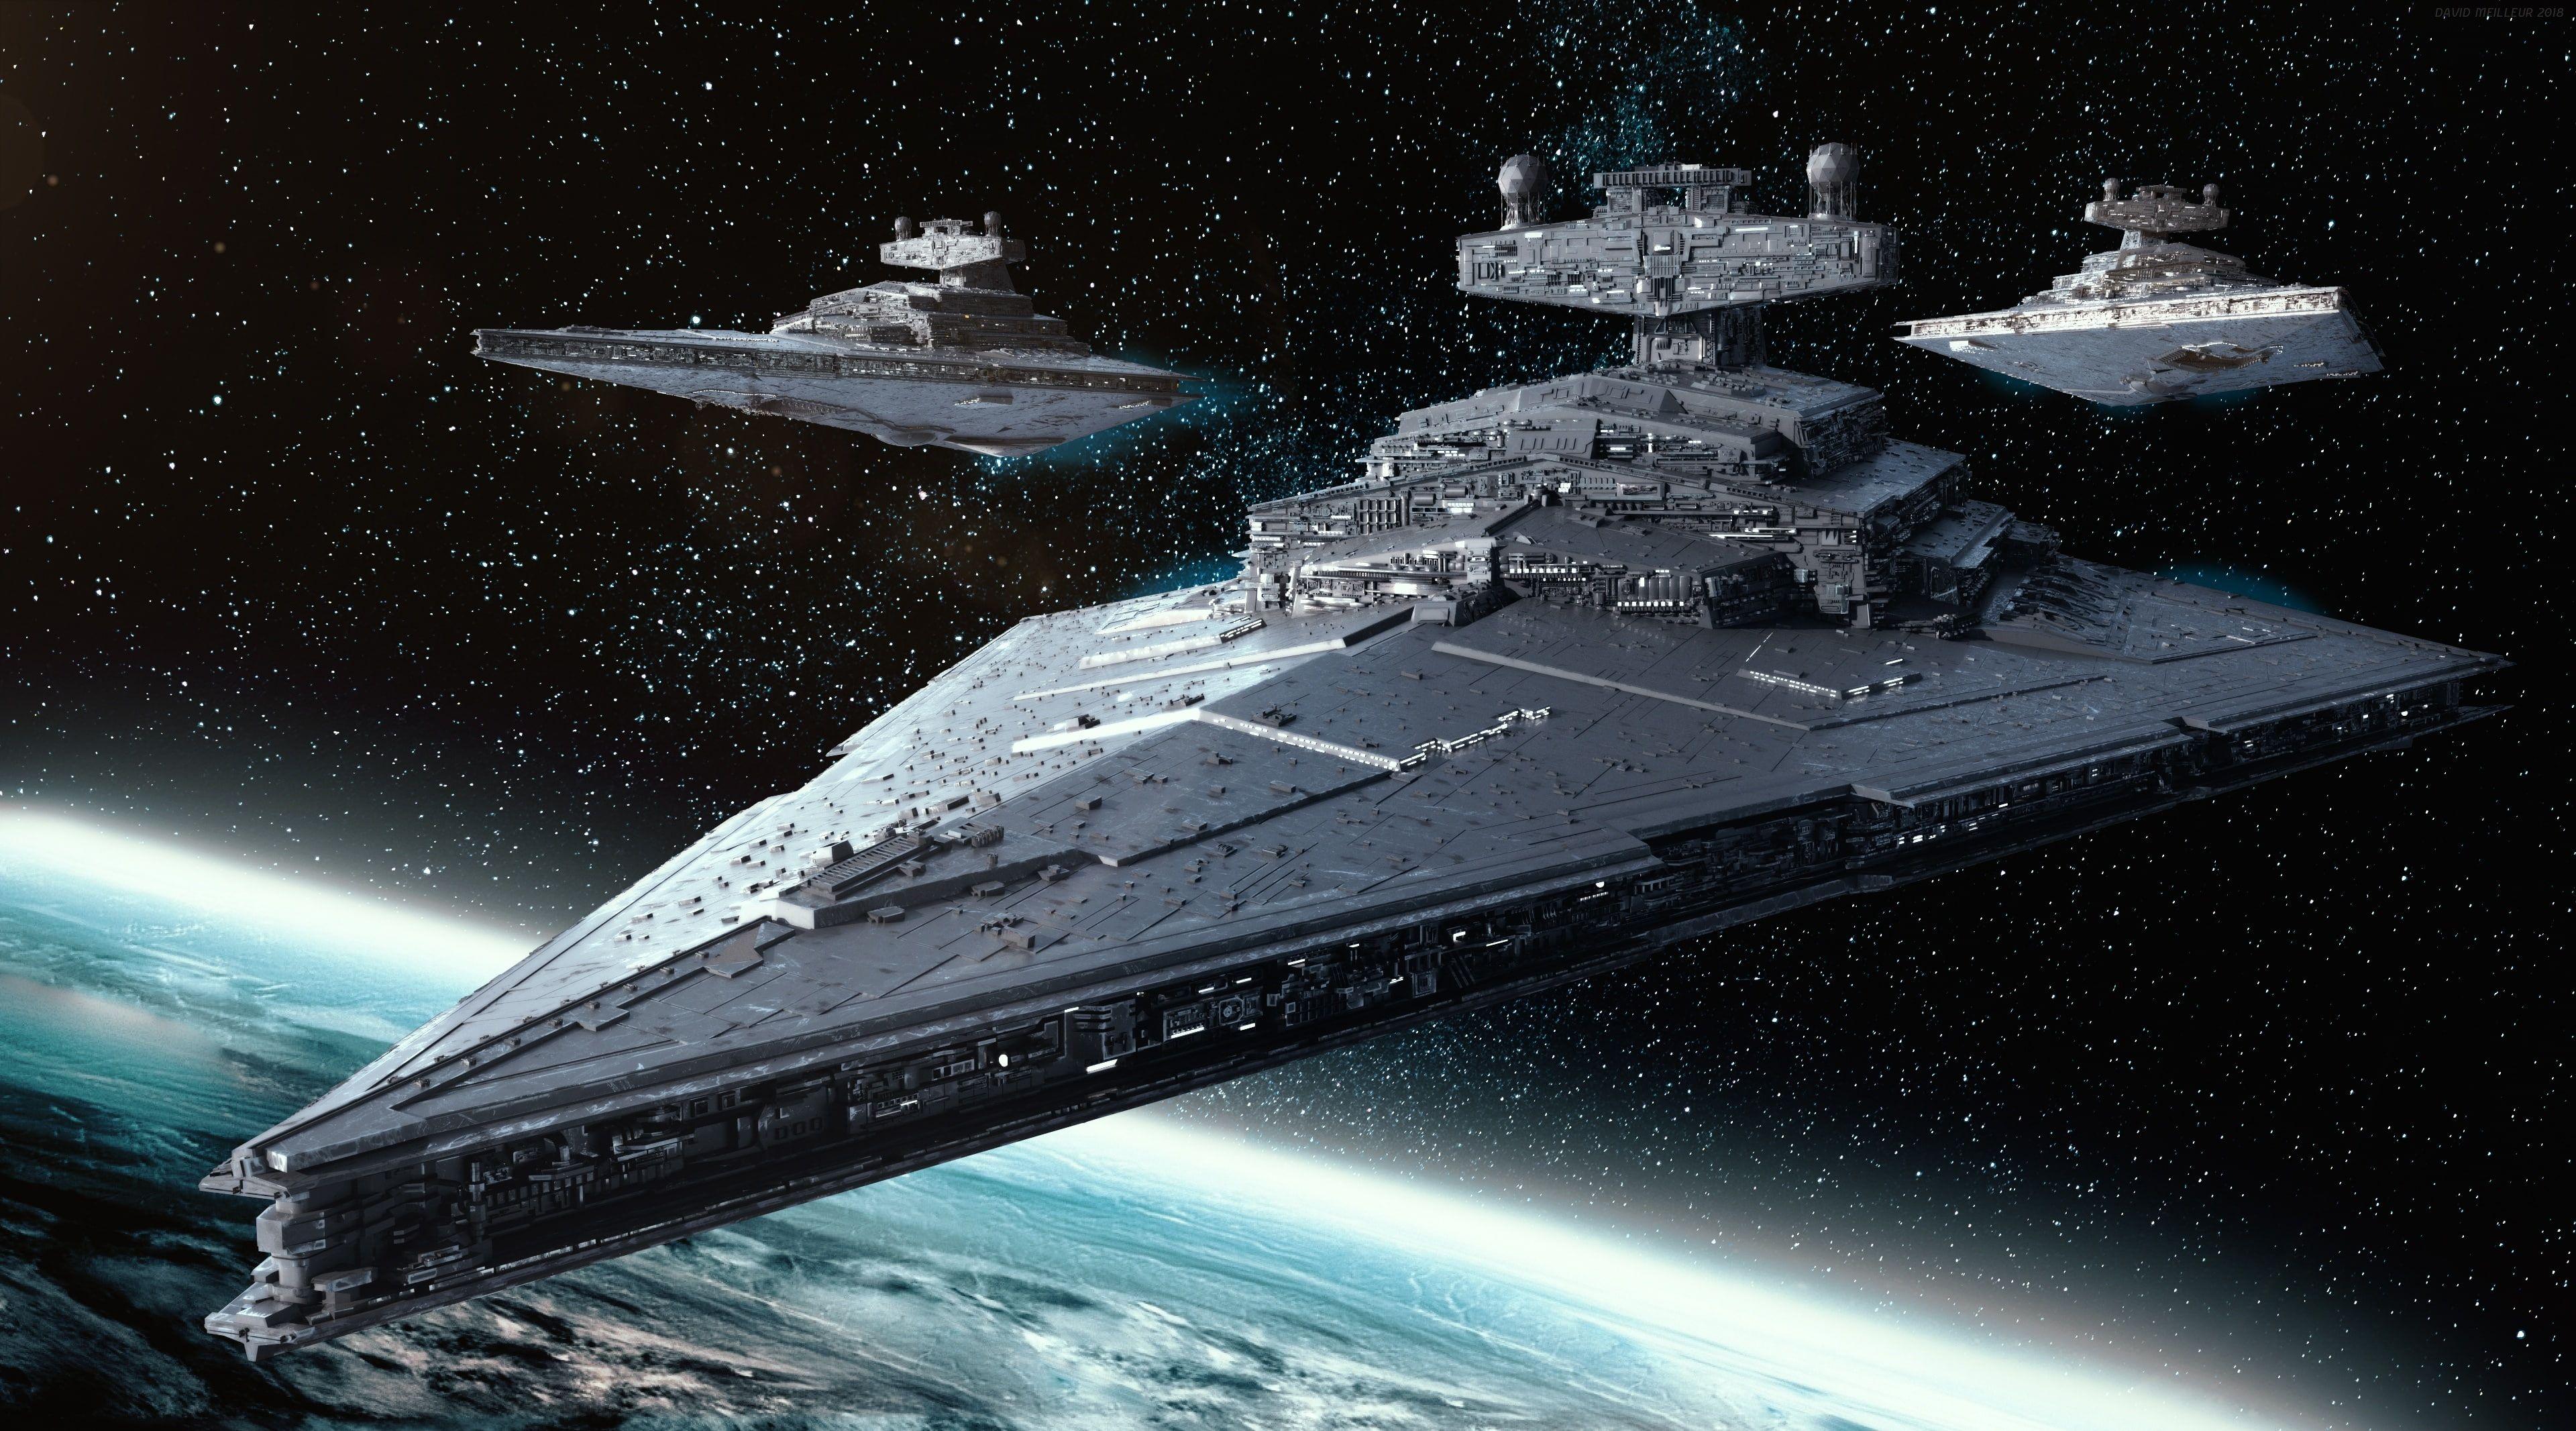 Imperial Class Star Destroyer Star Wars Star Destroyer Wallpaper Games Star Wars Dark Space Star Destroyer S Star Destroyer Star Wars 1366x768 Wallpaper Hd